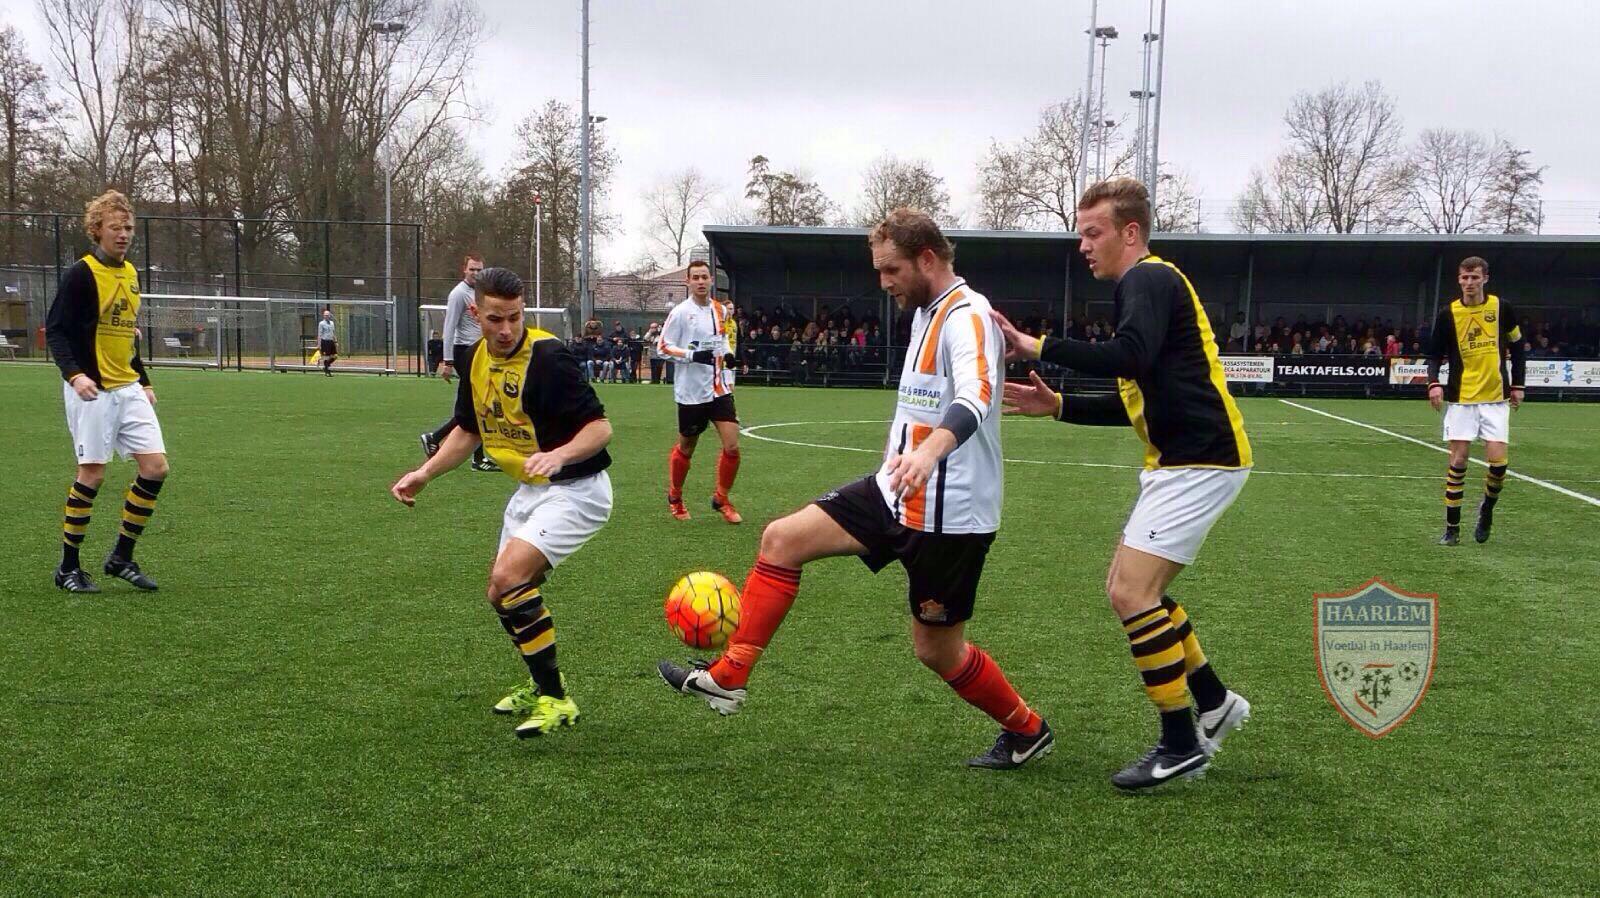 Schoten - HBC - Voetbal in Haarlem